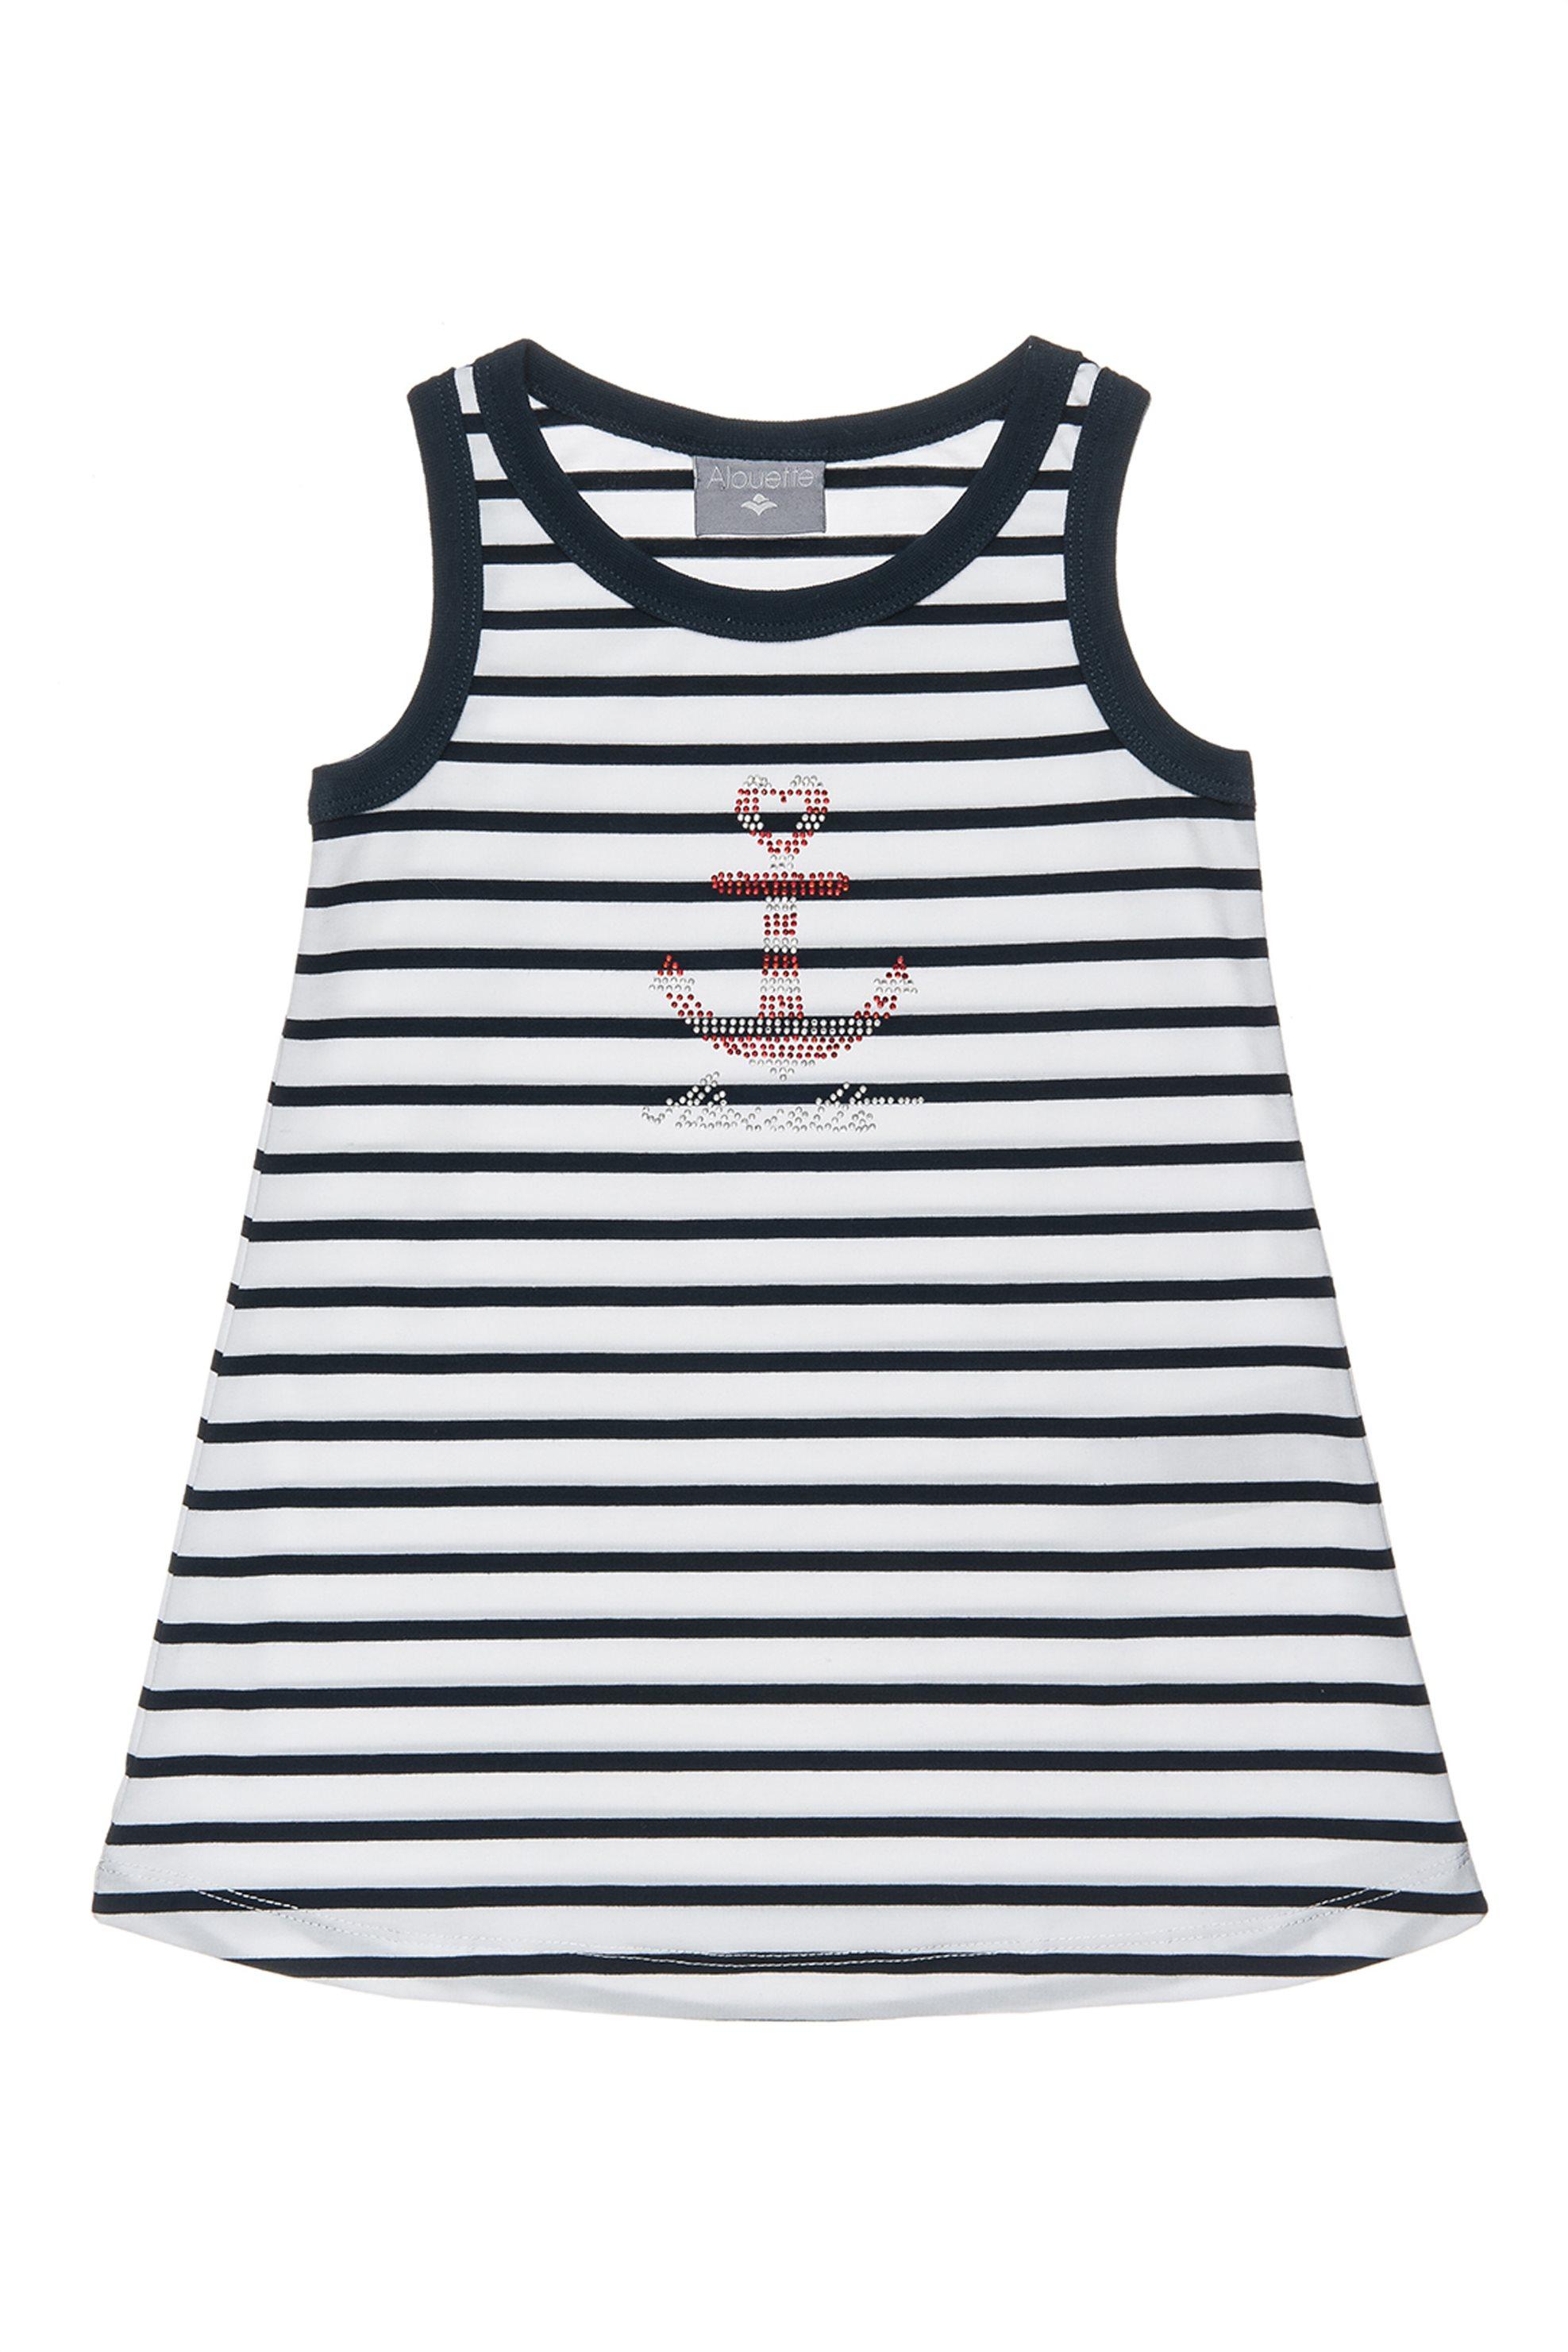 Βρεφικό αμάνικο ριγέ φόρεμα Alouette - 00241241 - Λευκό - Μπλε παιδι   βρεφικα κοριτσι   0 3 ετων   ρούχα   φορέματα   φούστες